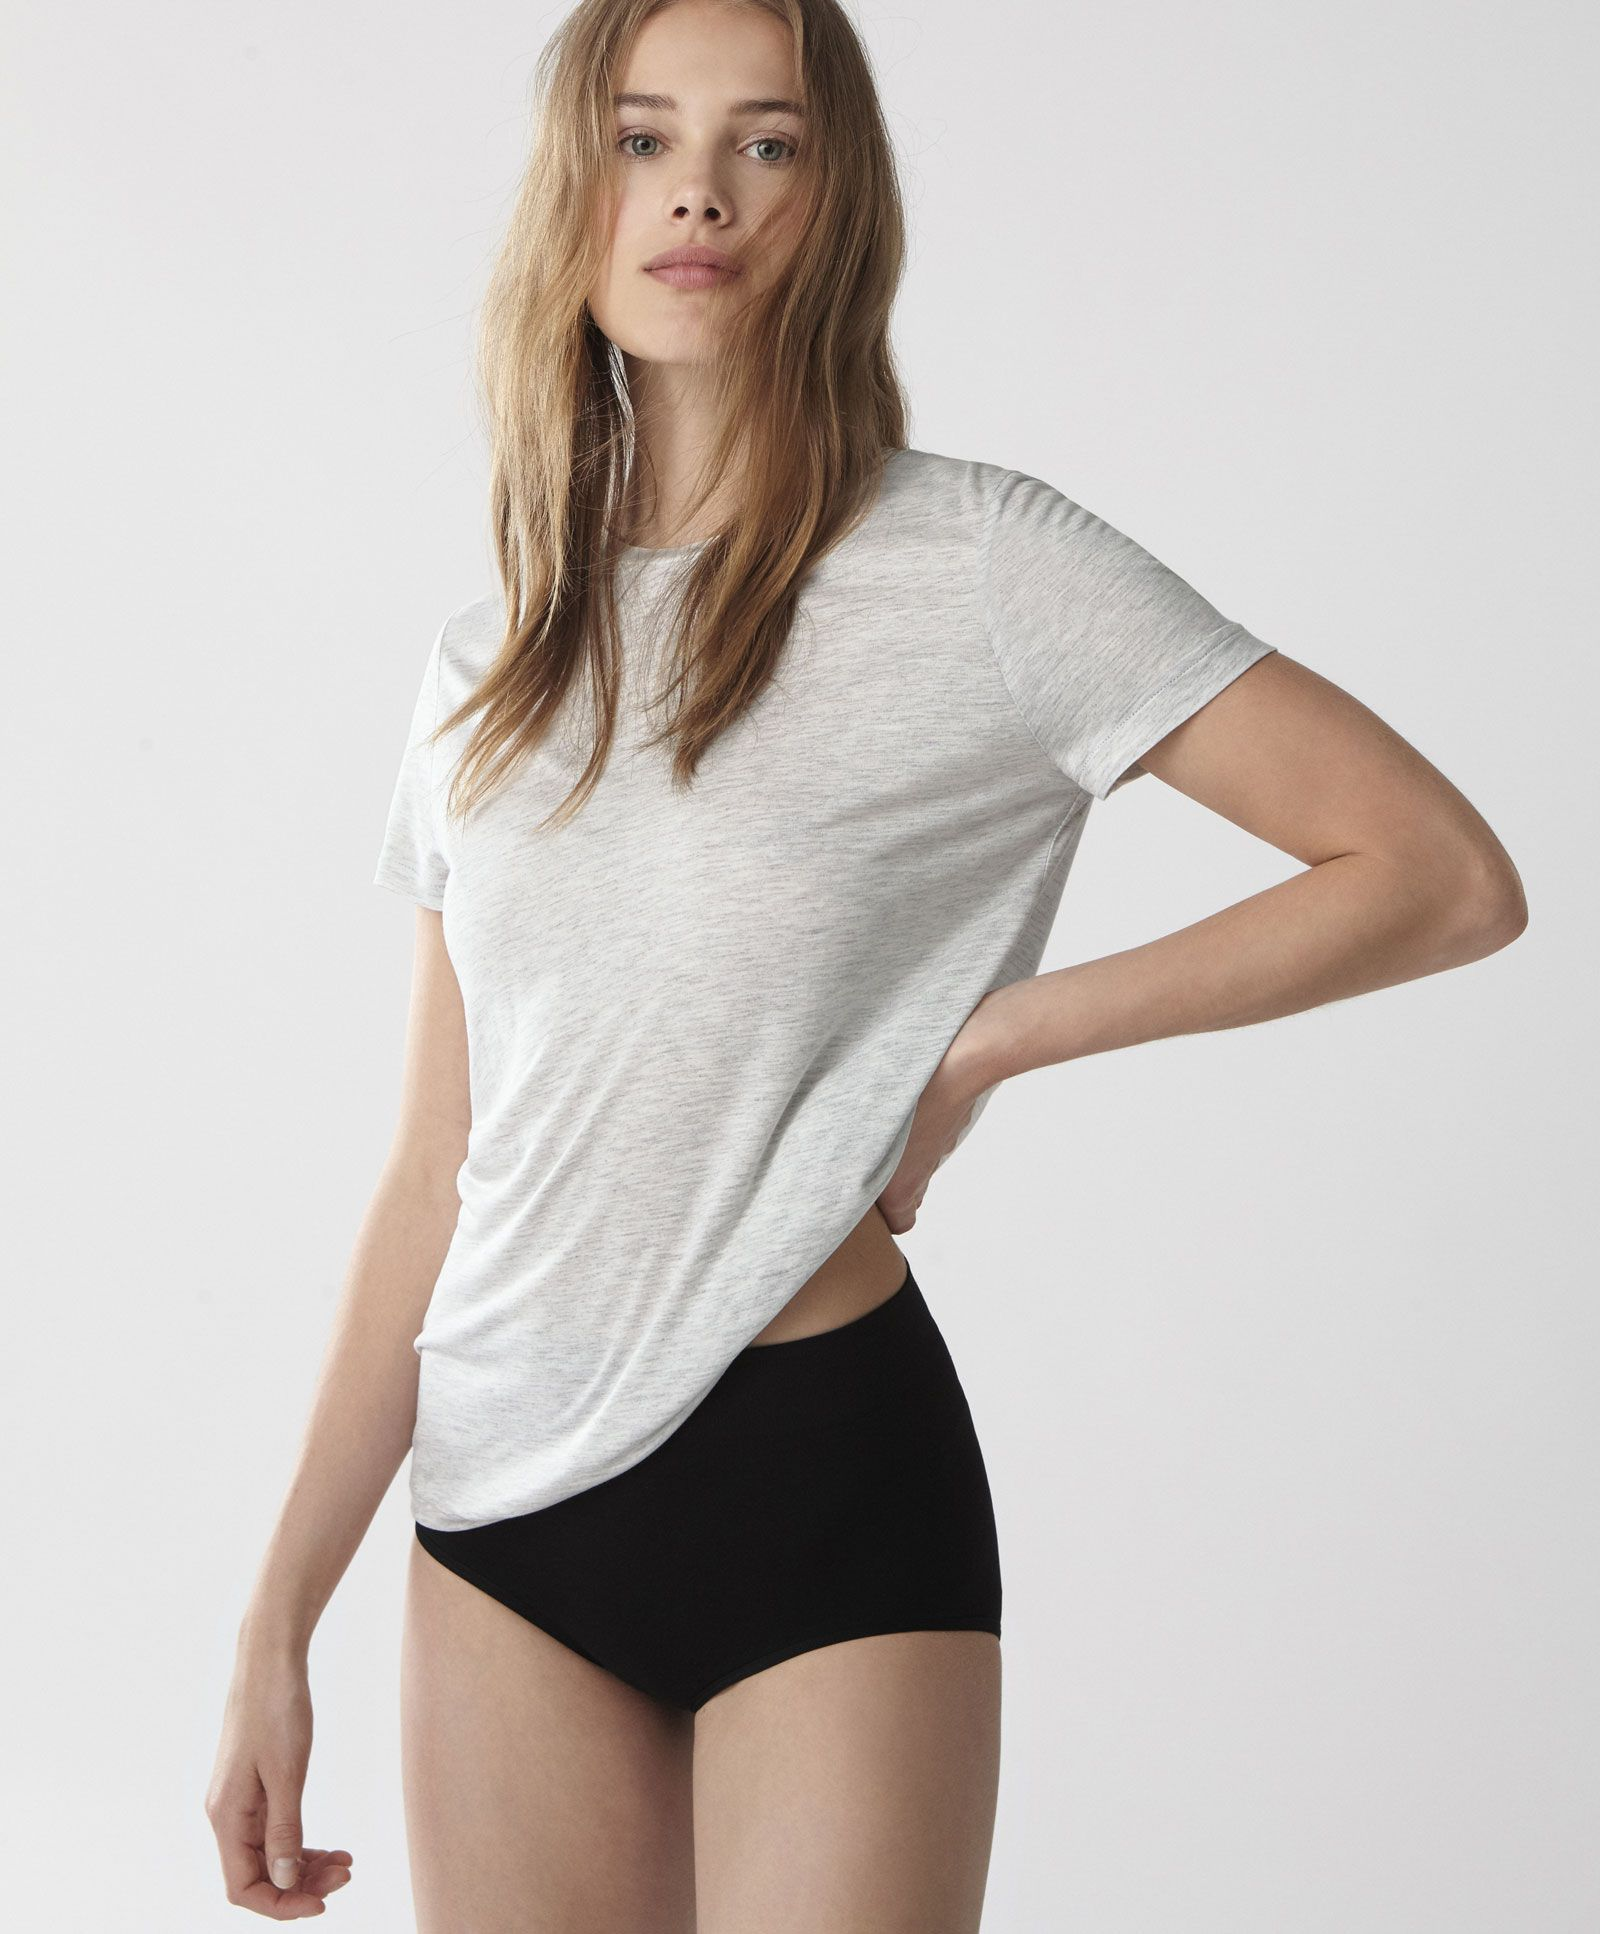 T shirt viscose Hauts Tendances printemps été 2017 en mode